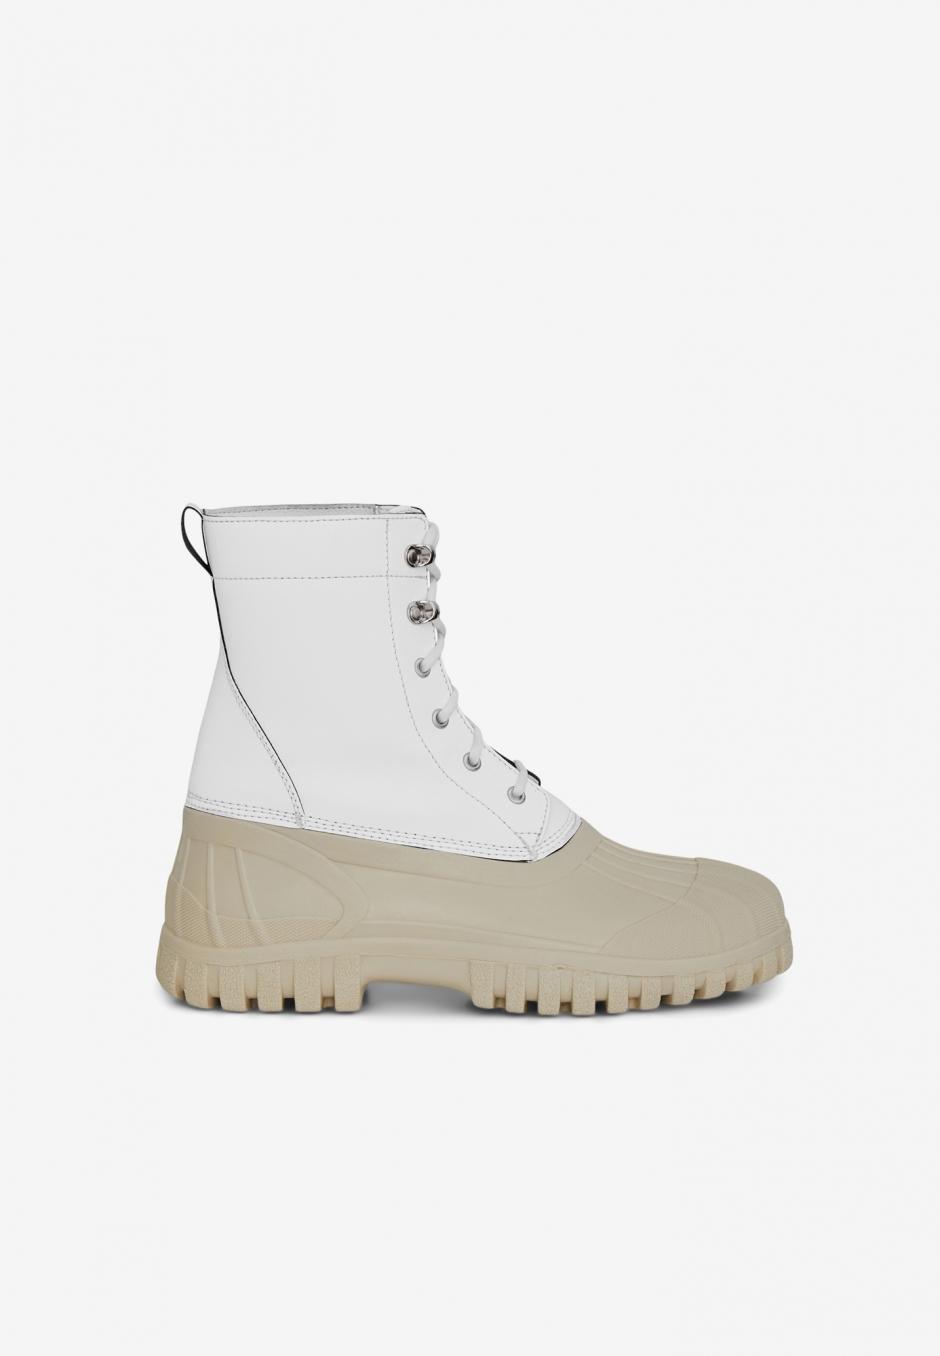 Rains Rains x Diemme Anatra Boot